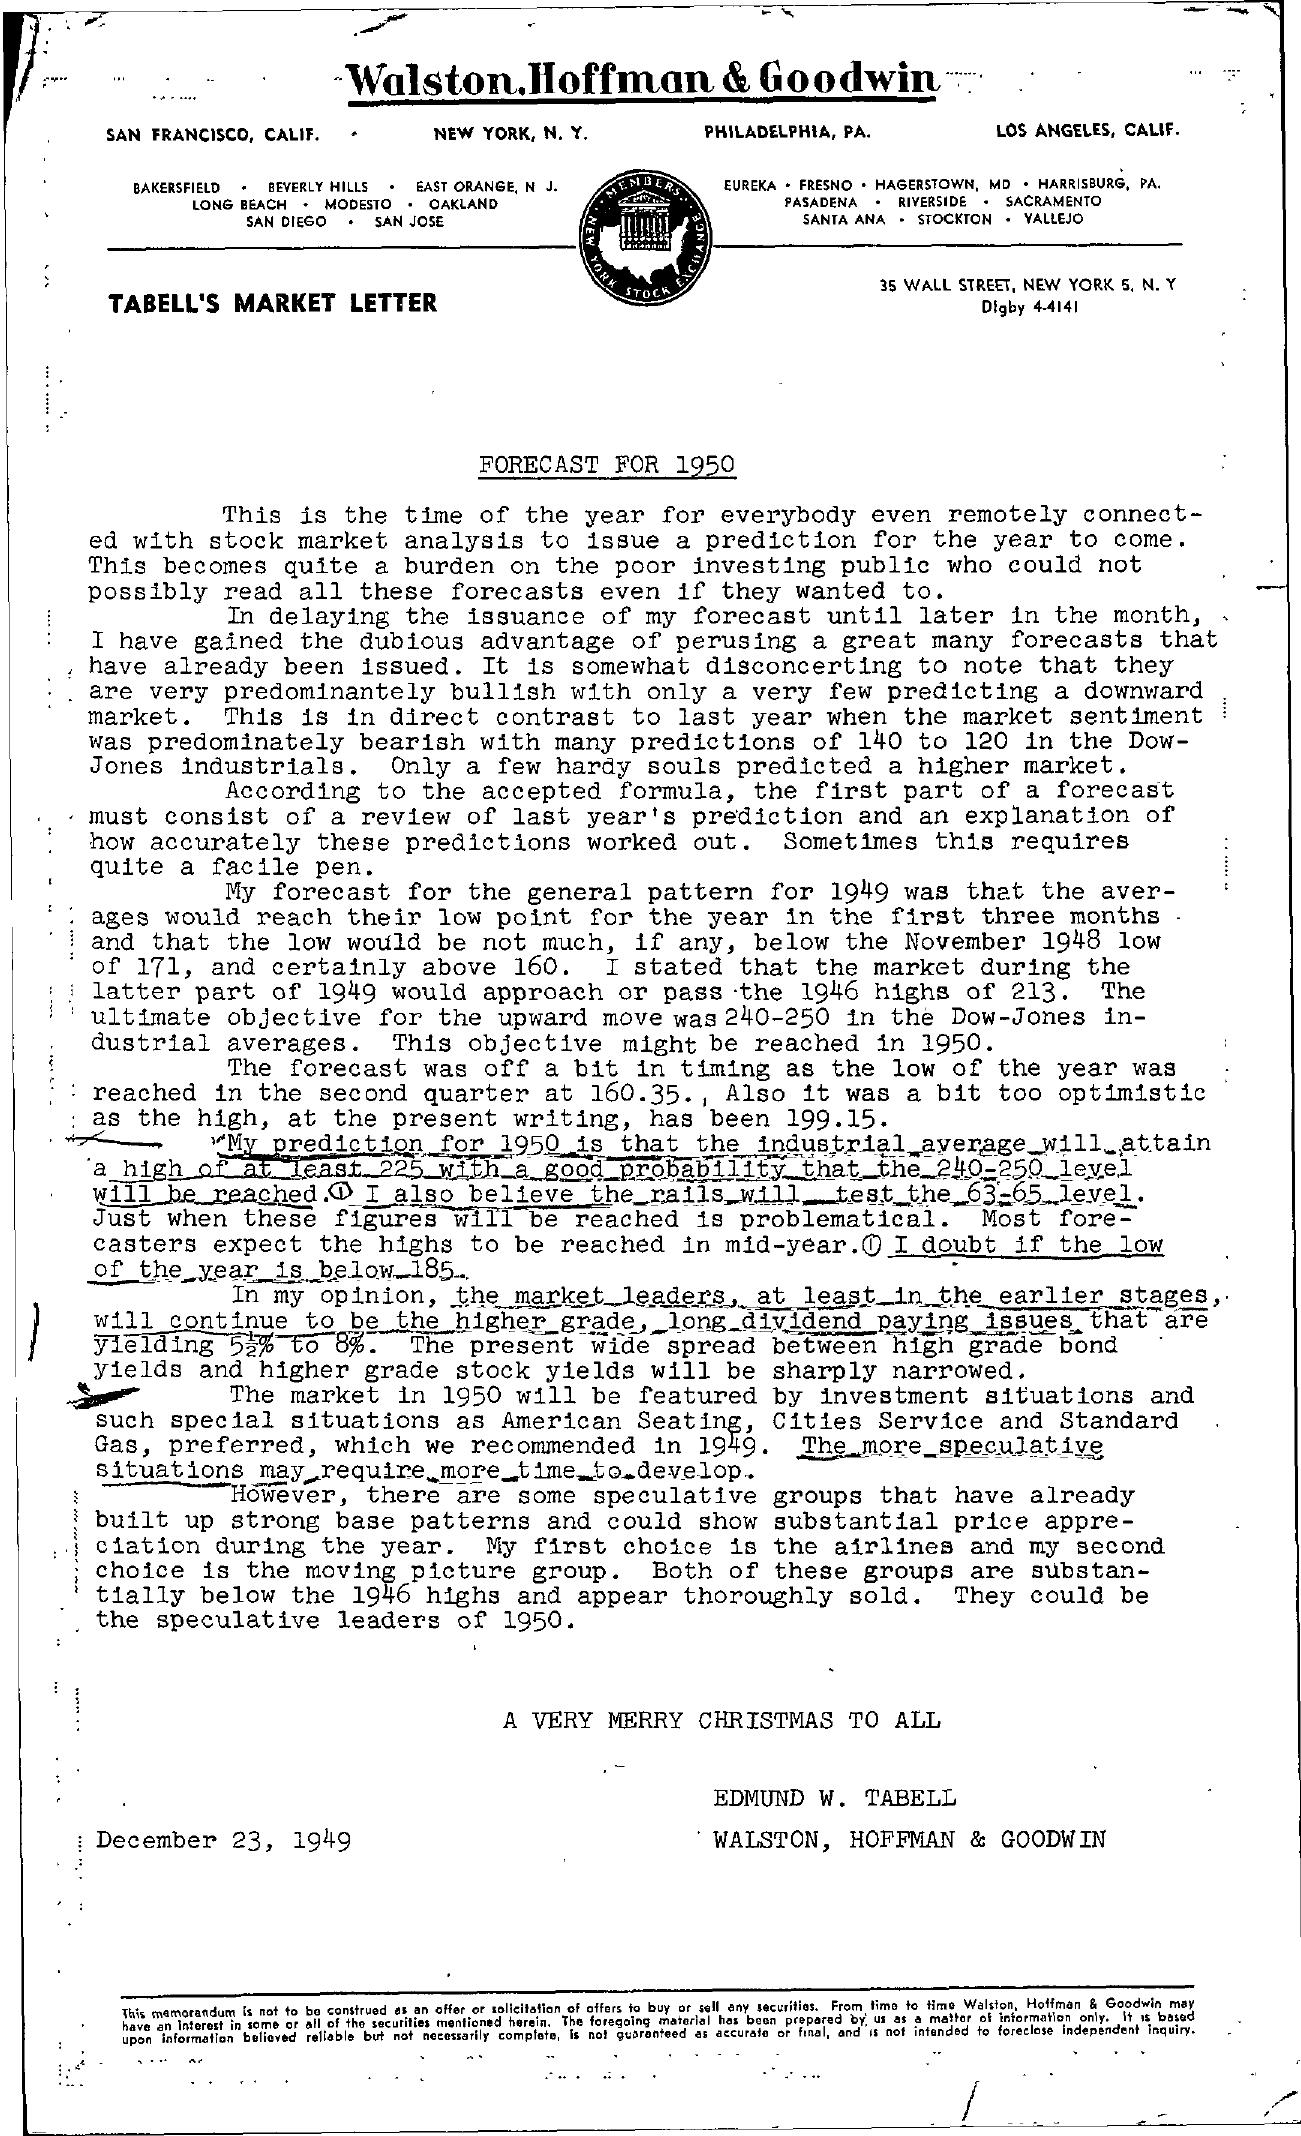 Tabell's Market Letter - December 23, 1949